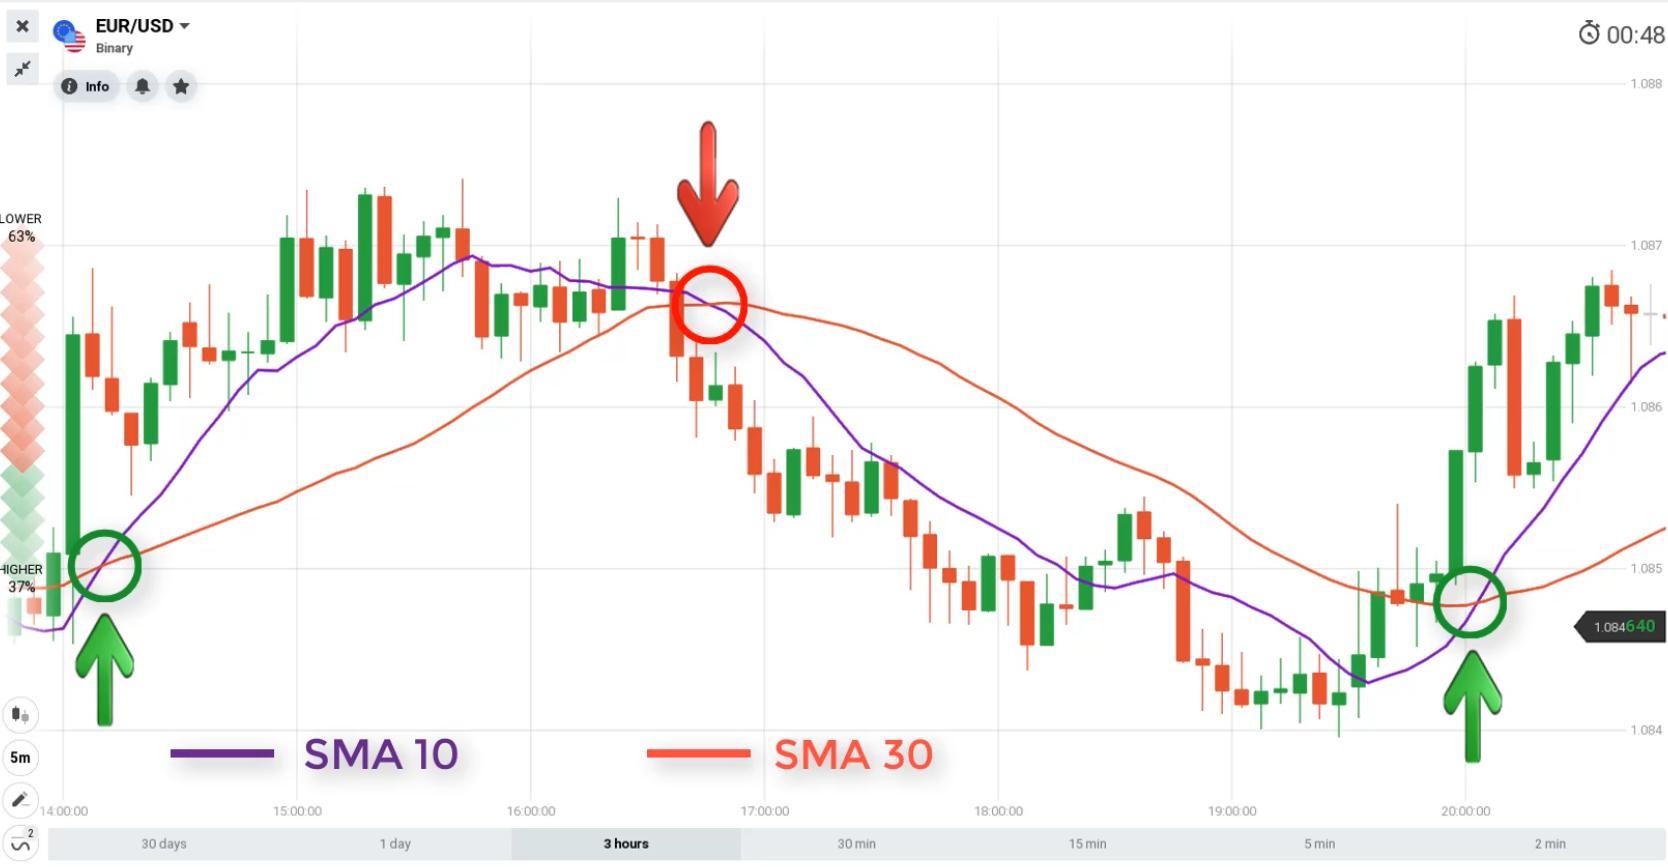 Encontre um ponto de entrada usando o SMA10 e SMA30